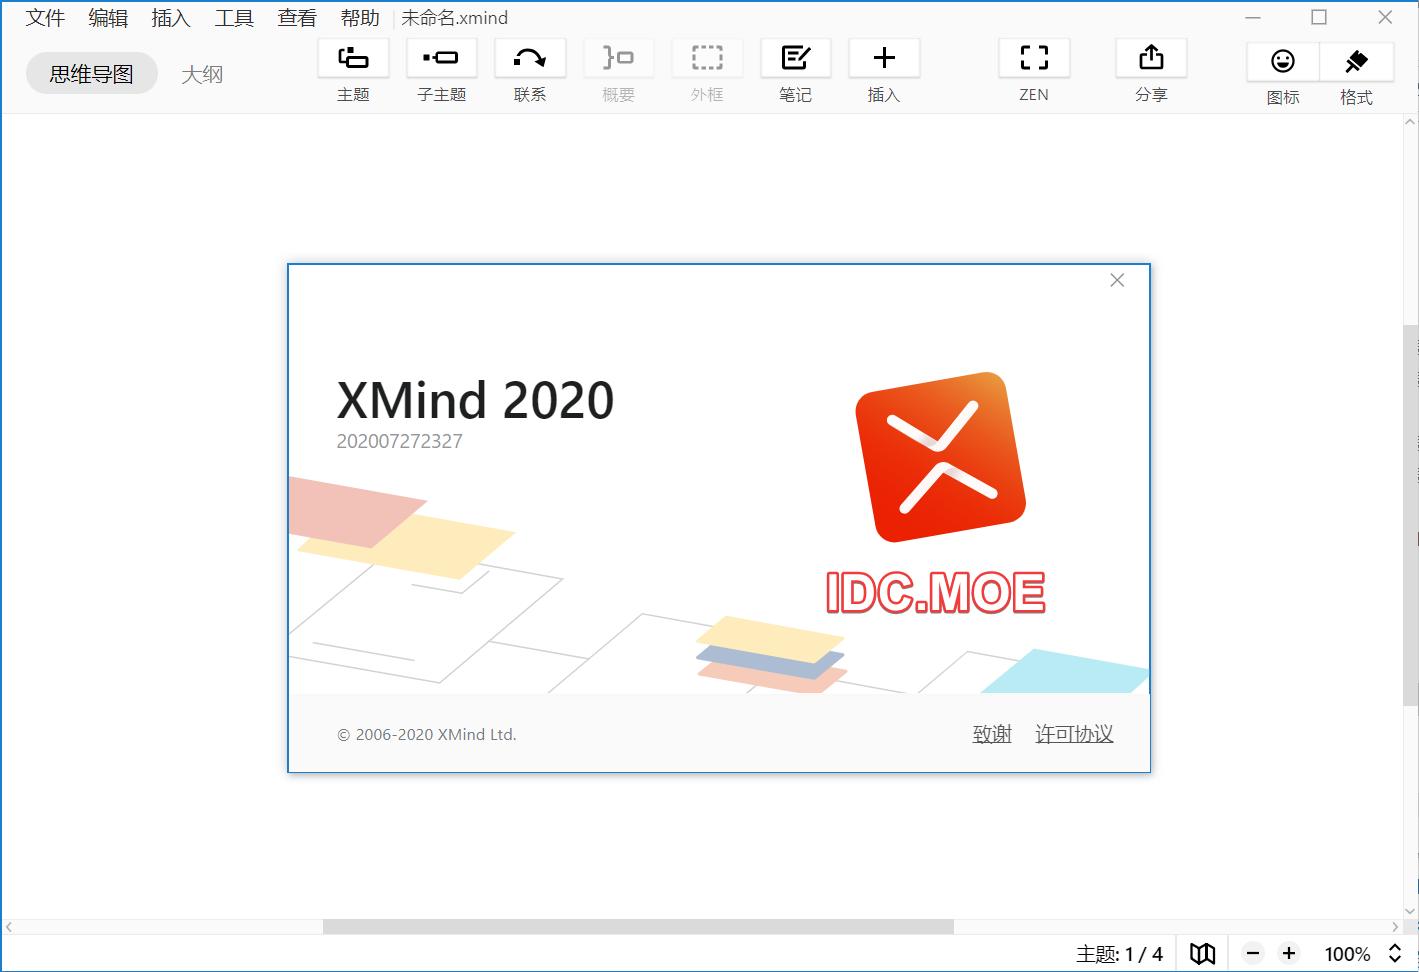 XMind Zen 2020